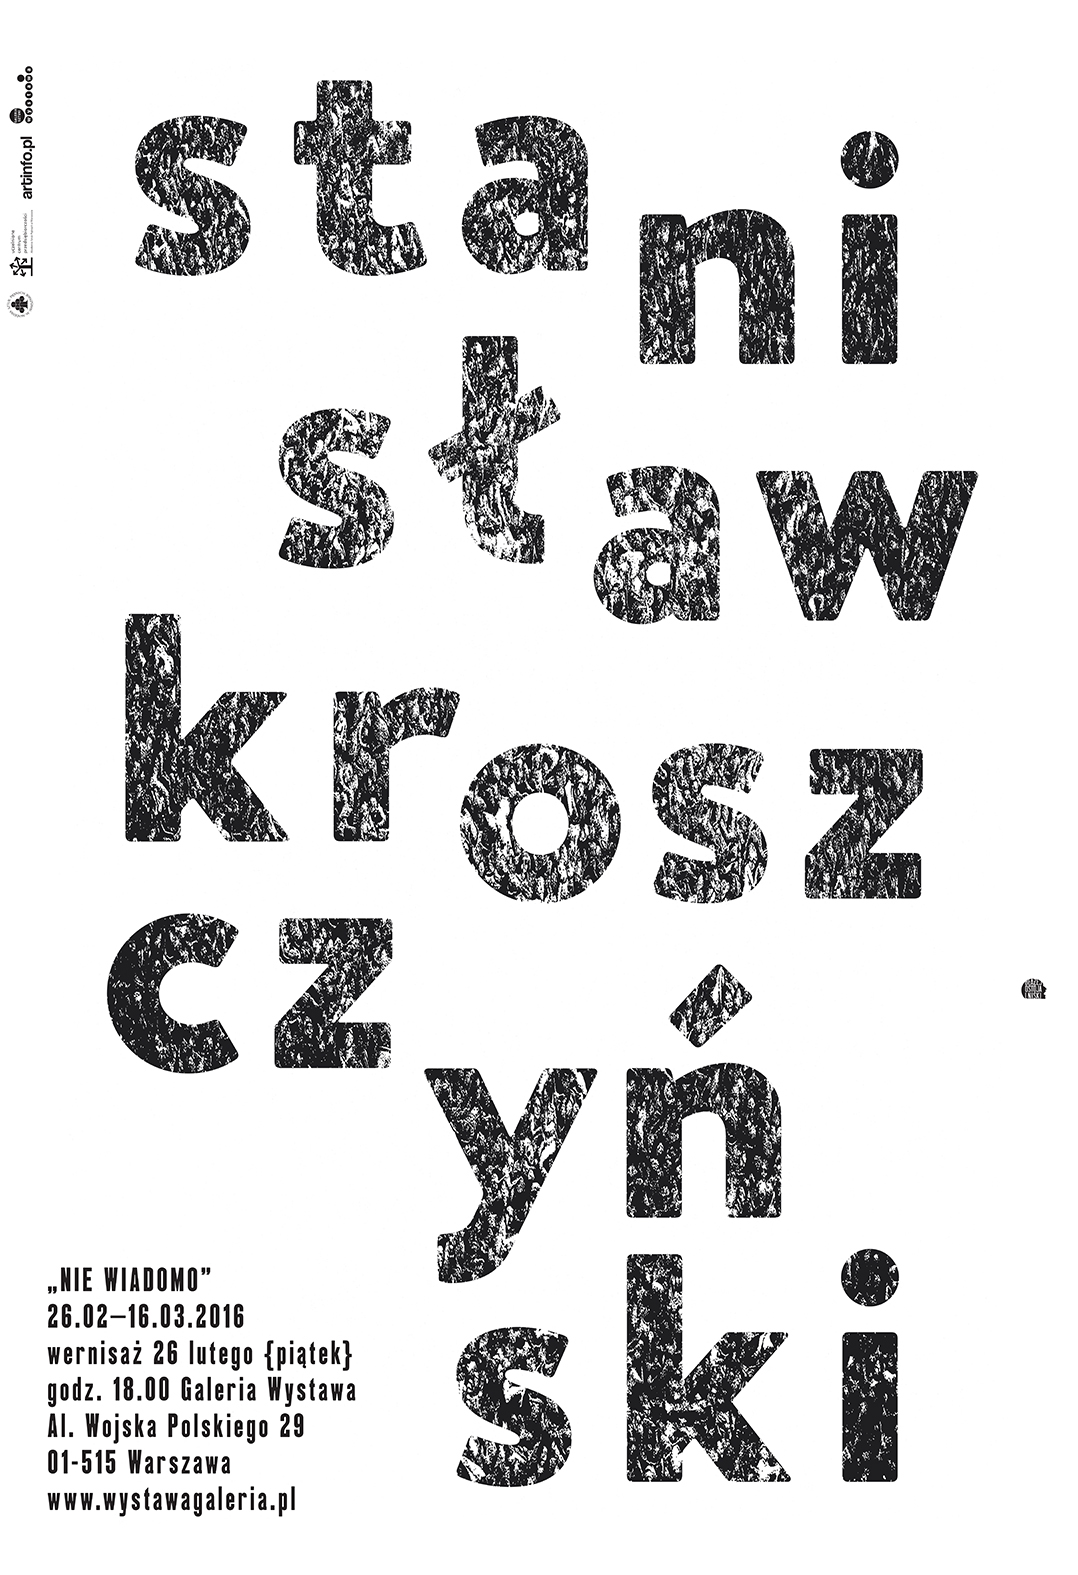 kroszczyński 2